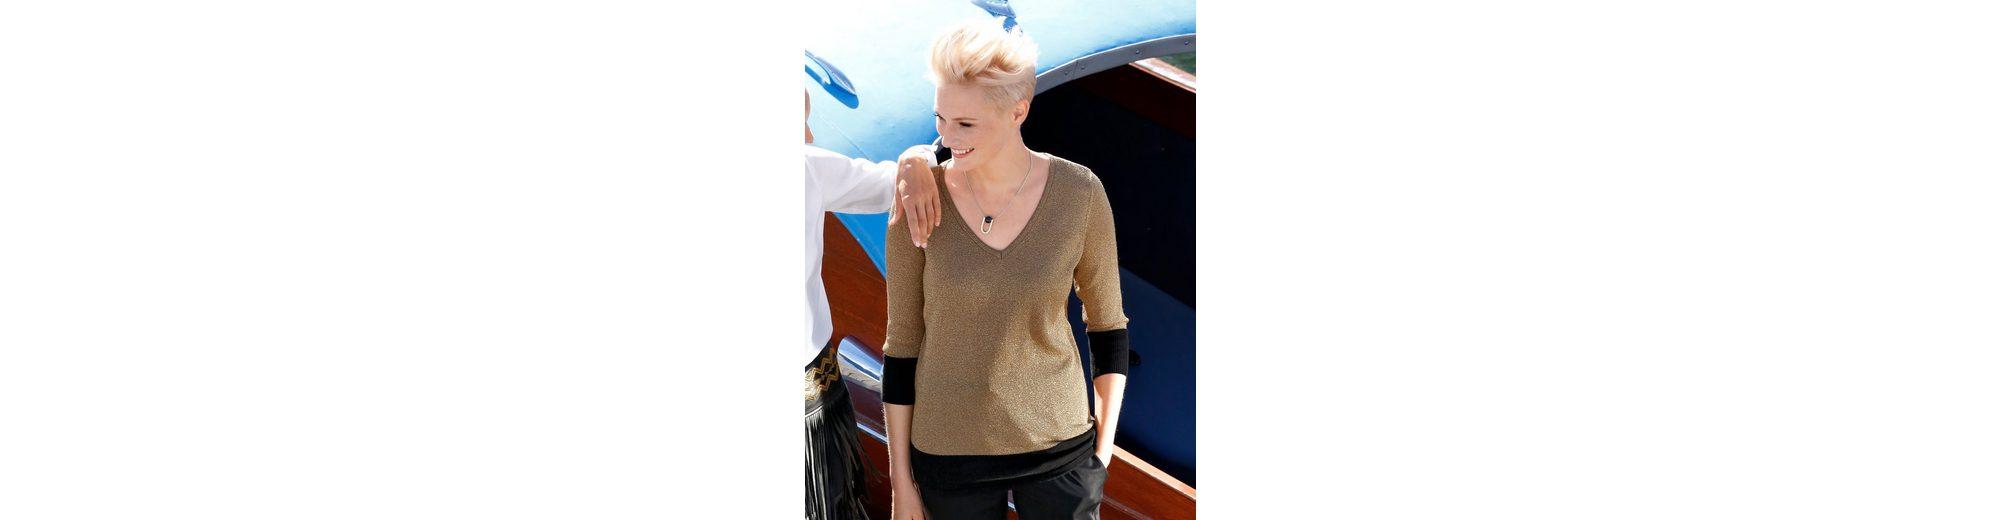 Amy Vermont Pullover mit metallisiertem Garn Speichern Günstigen Preis Billig Verkauf In Deutschland Auslass 2018 Unisex Freies Verschiffen Versorgung COSZU6x